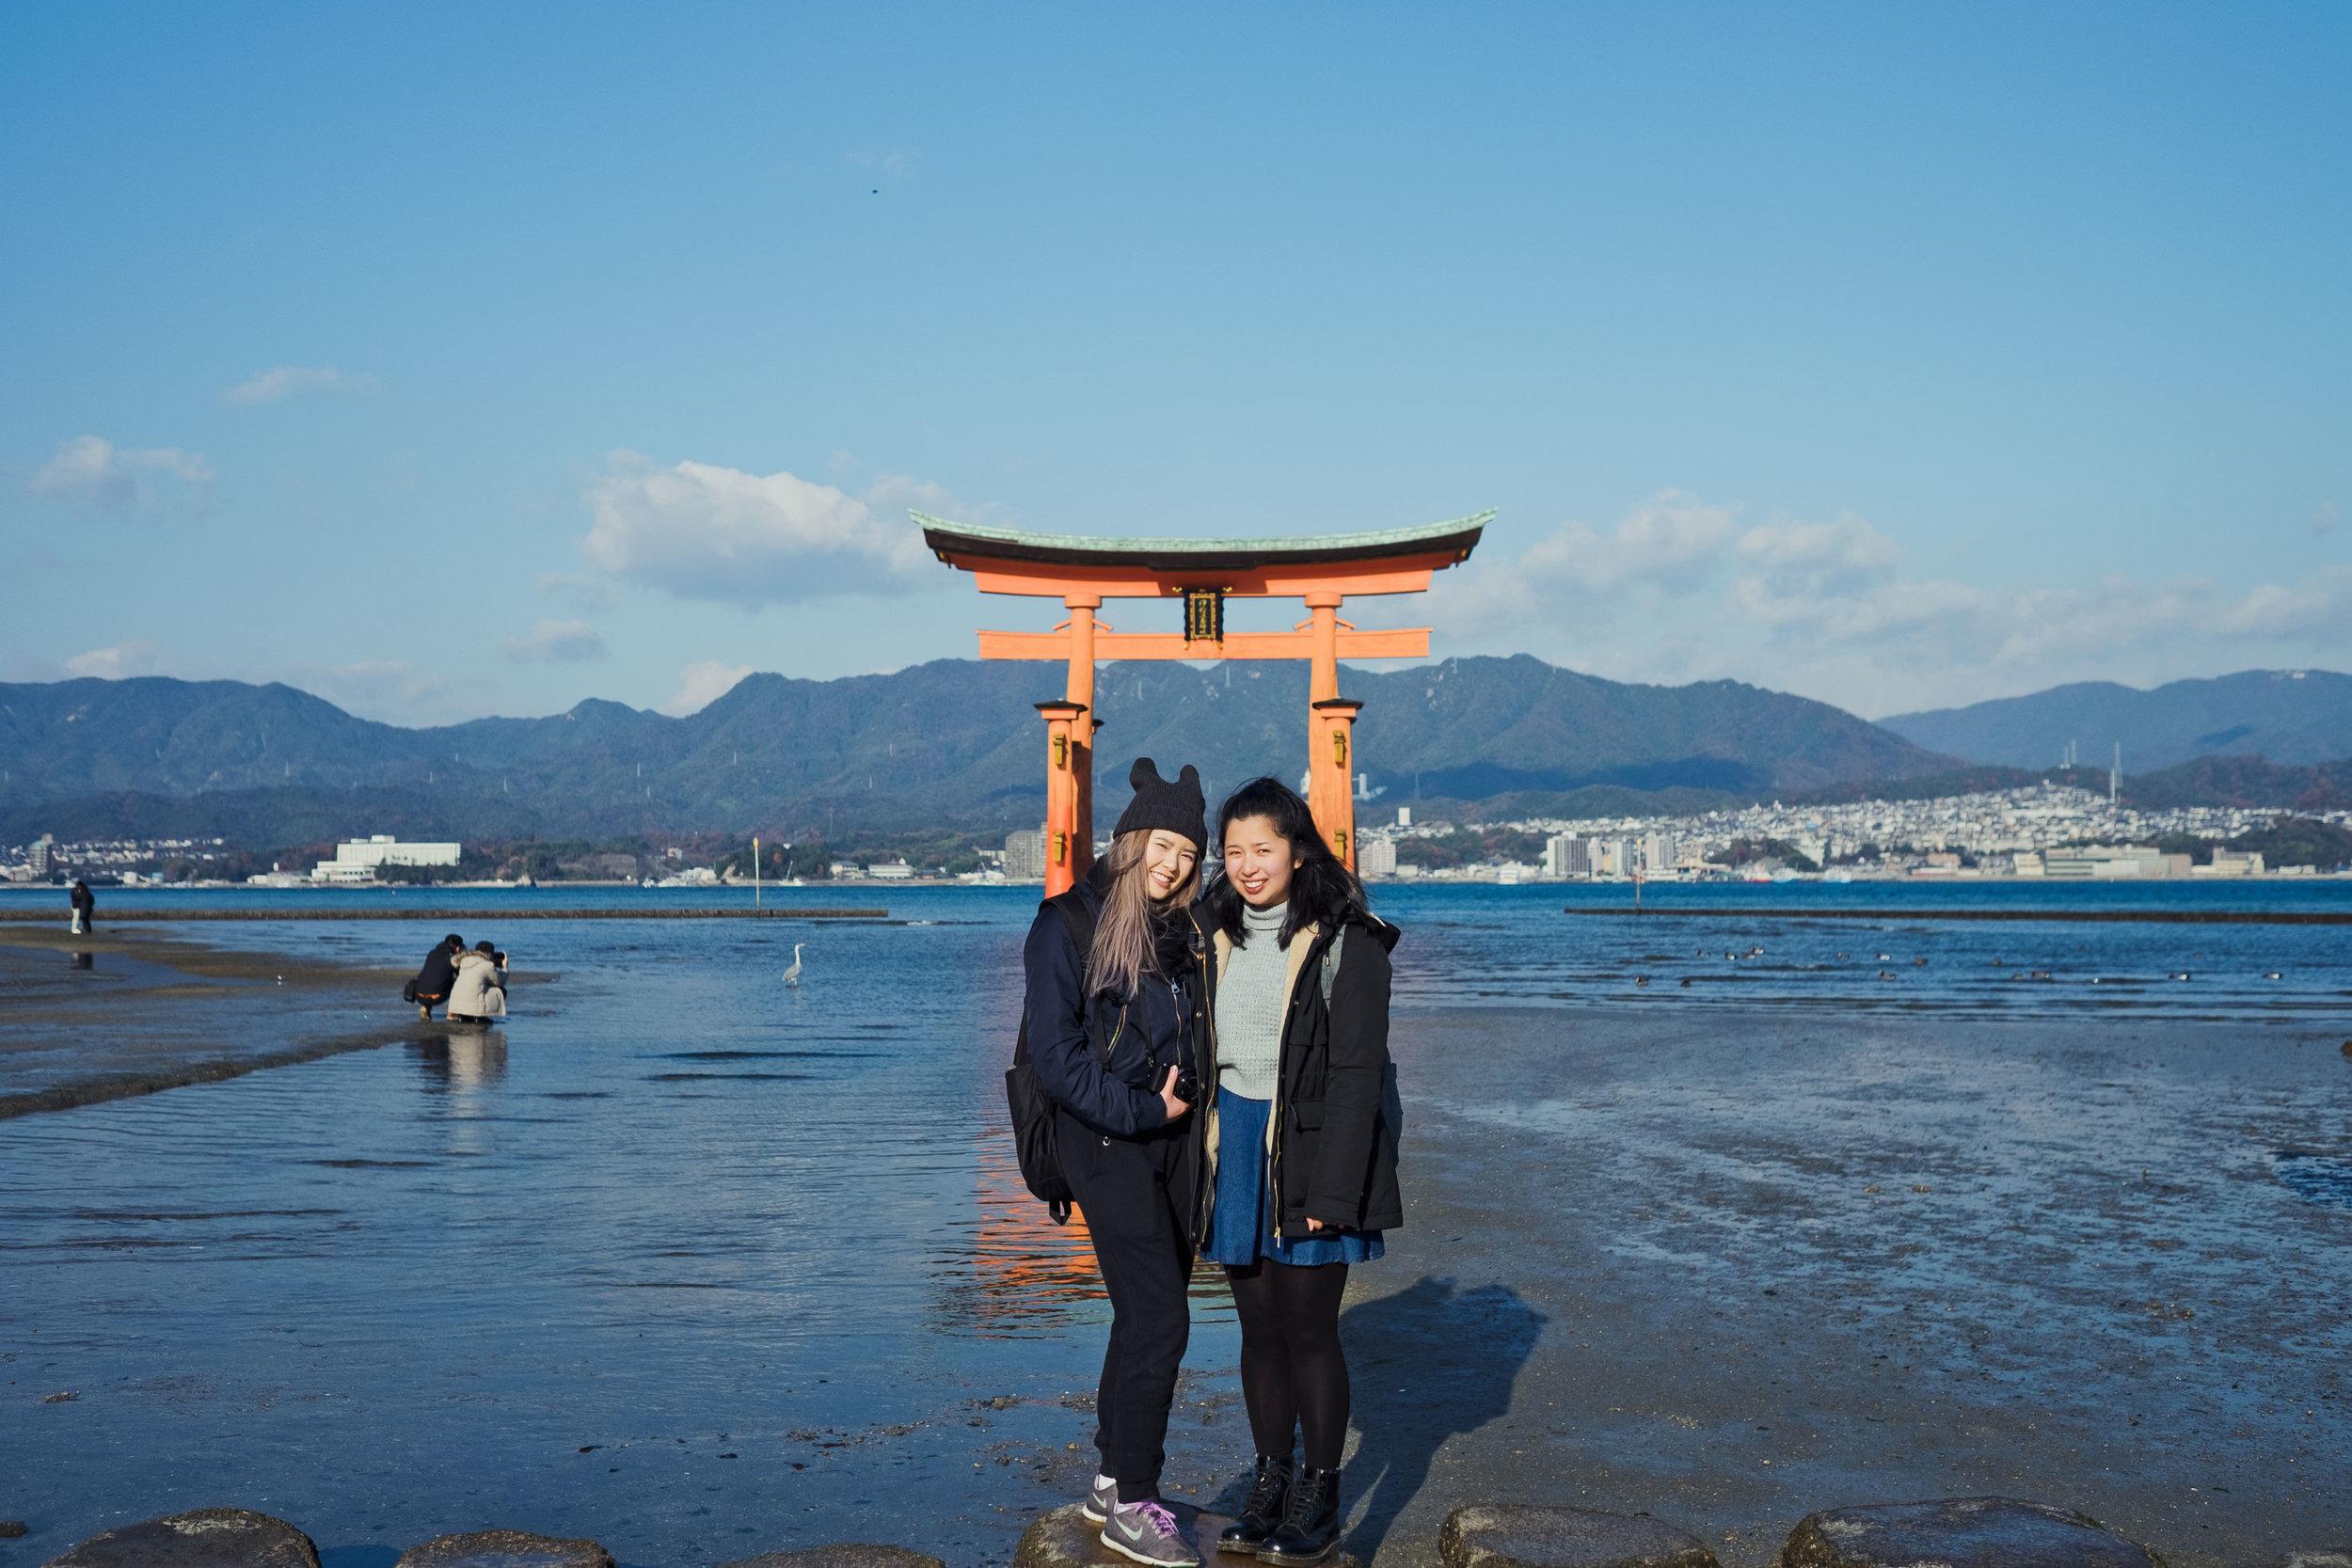 Hiroshima_Japan_Travel_Diary_49.jpg